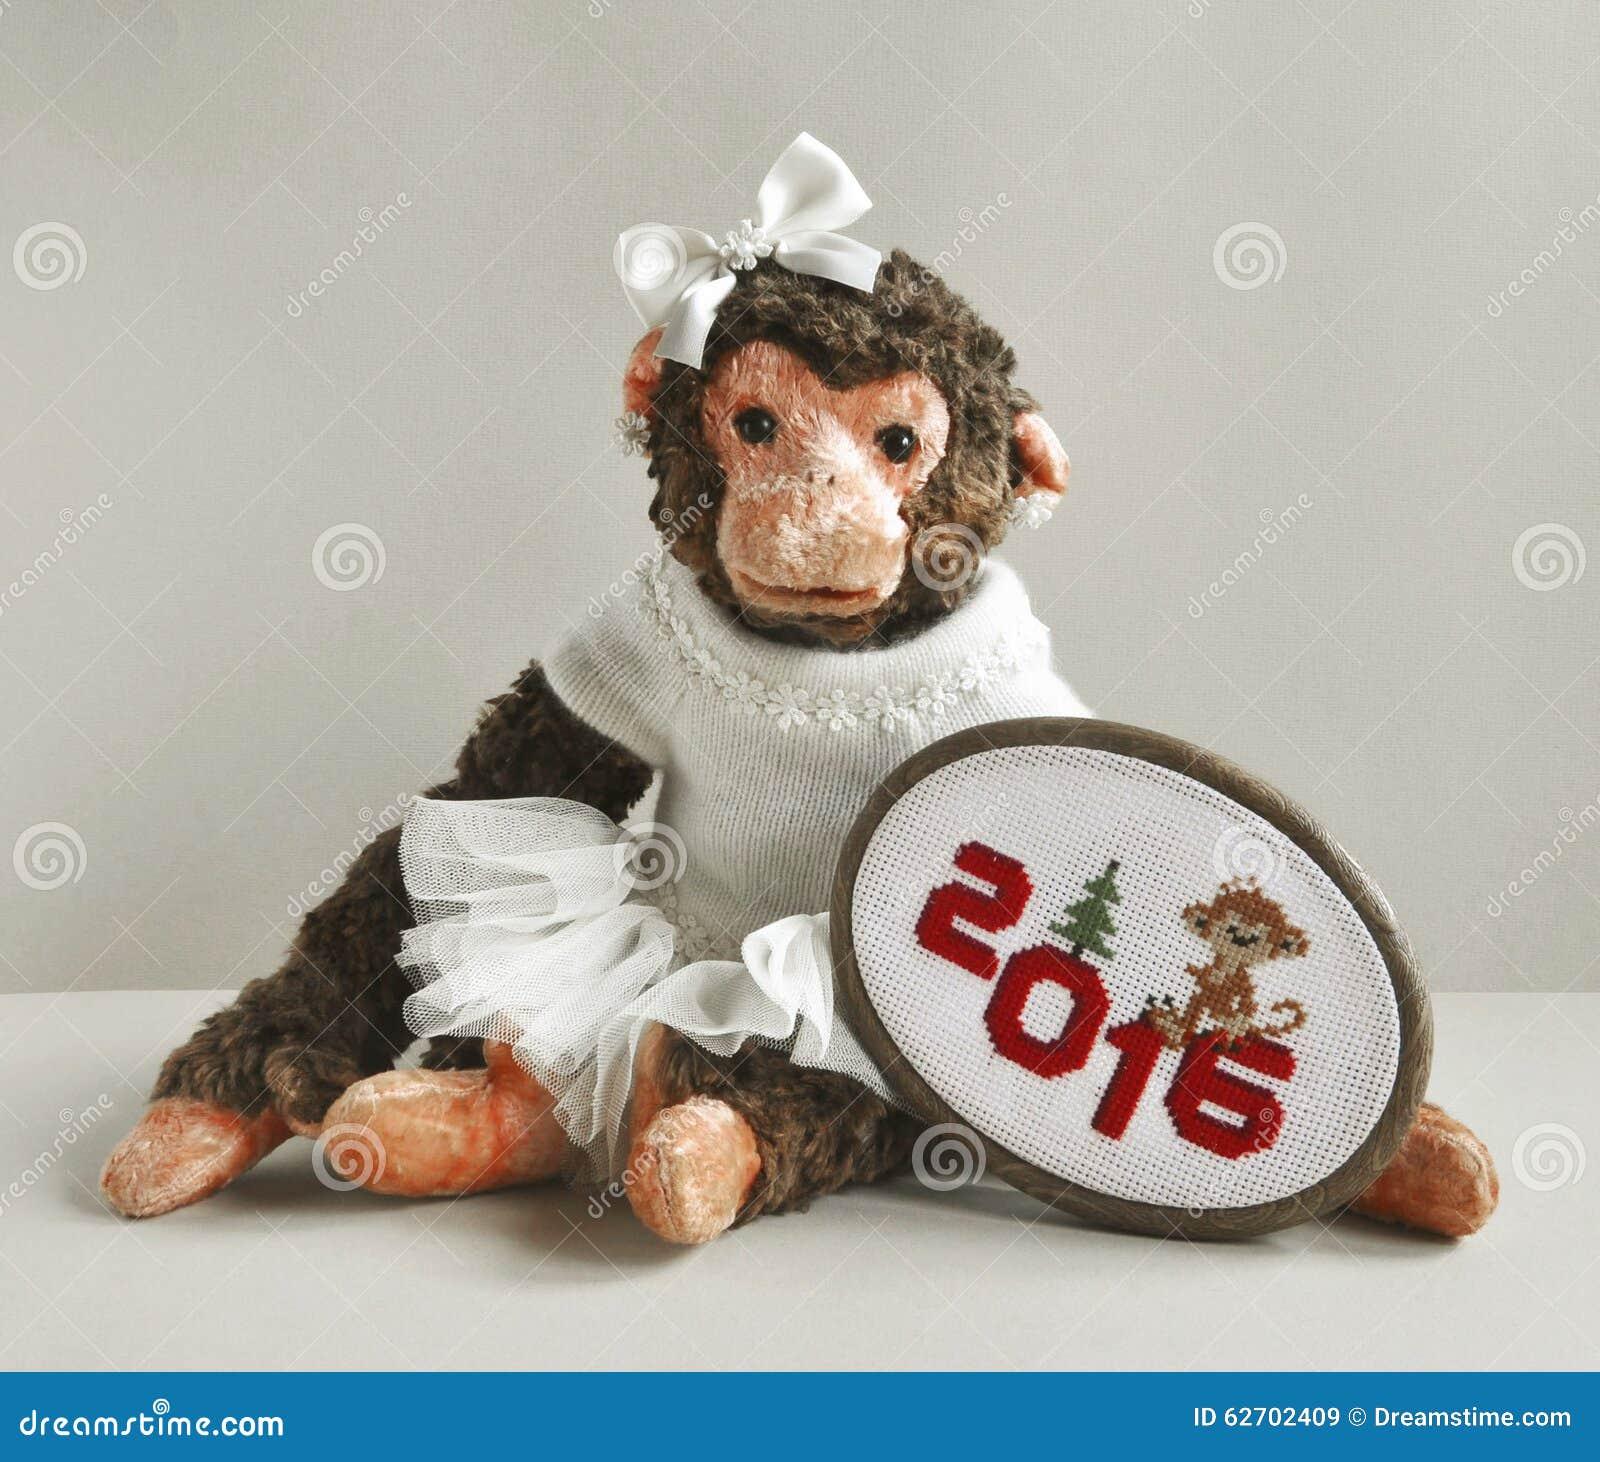 Πίθηκος παιχνιδιών με τη βελονιά κεντητικής